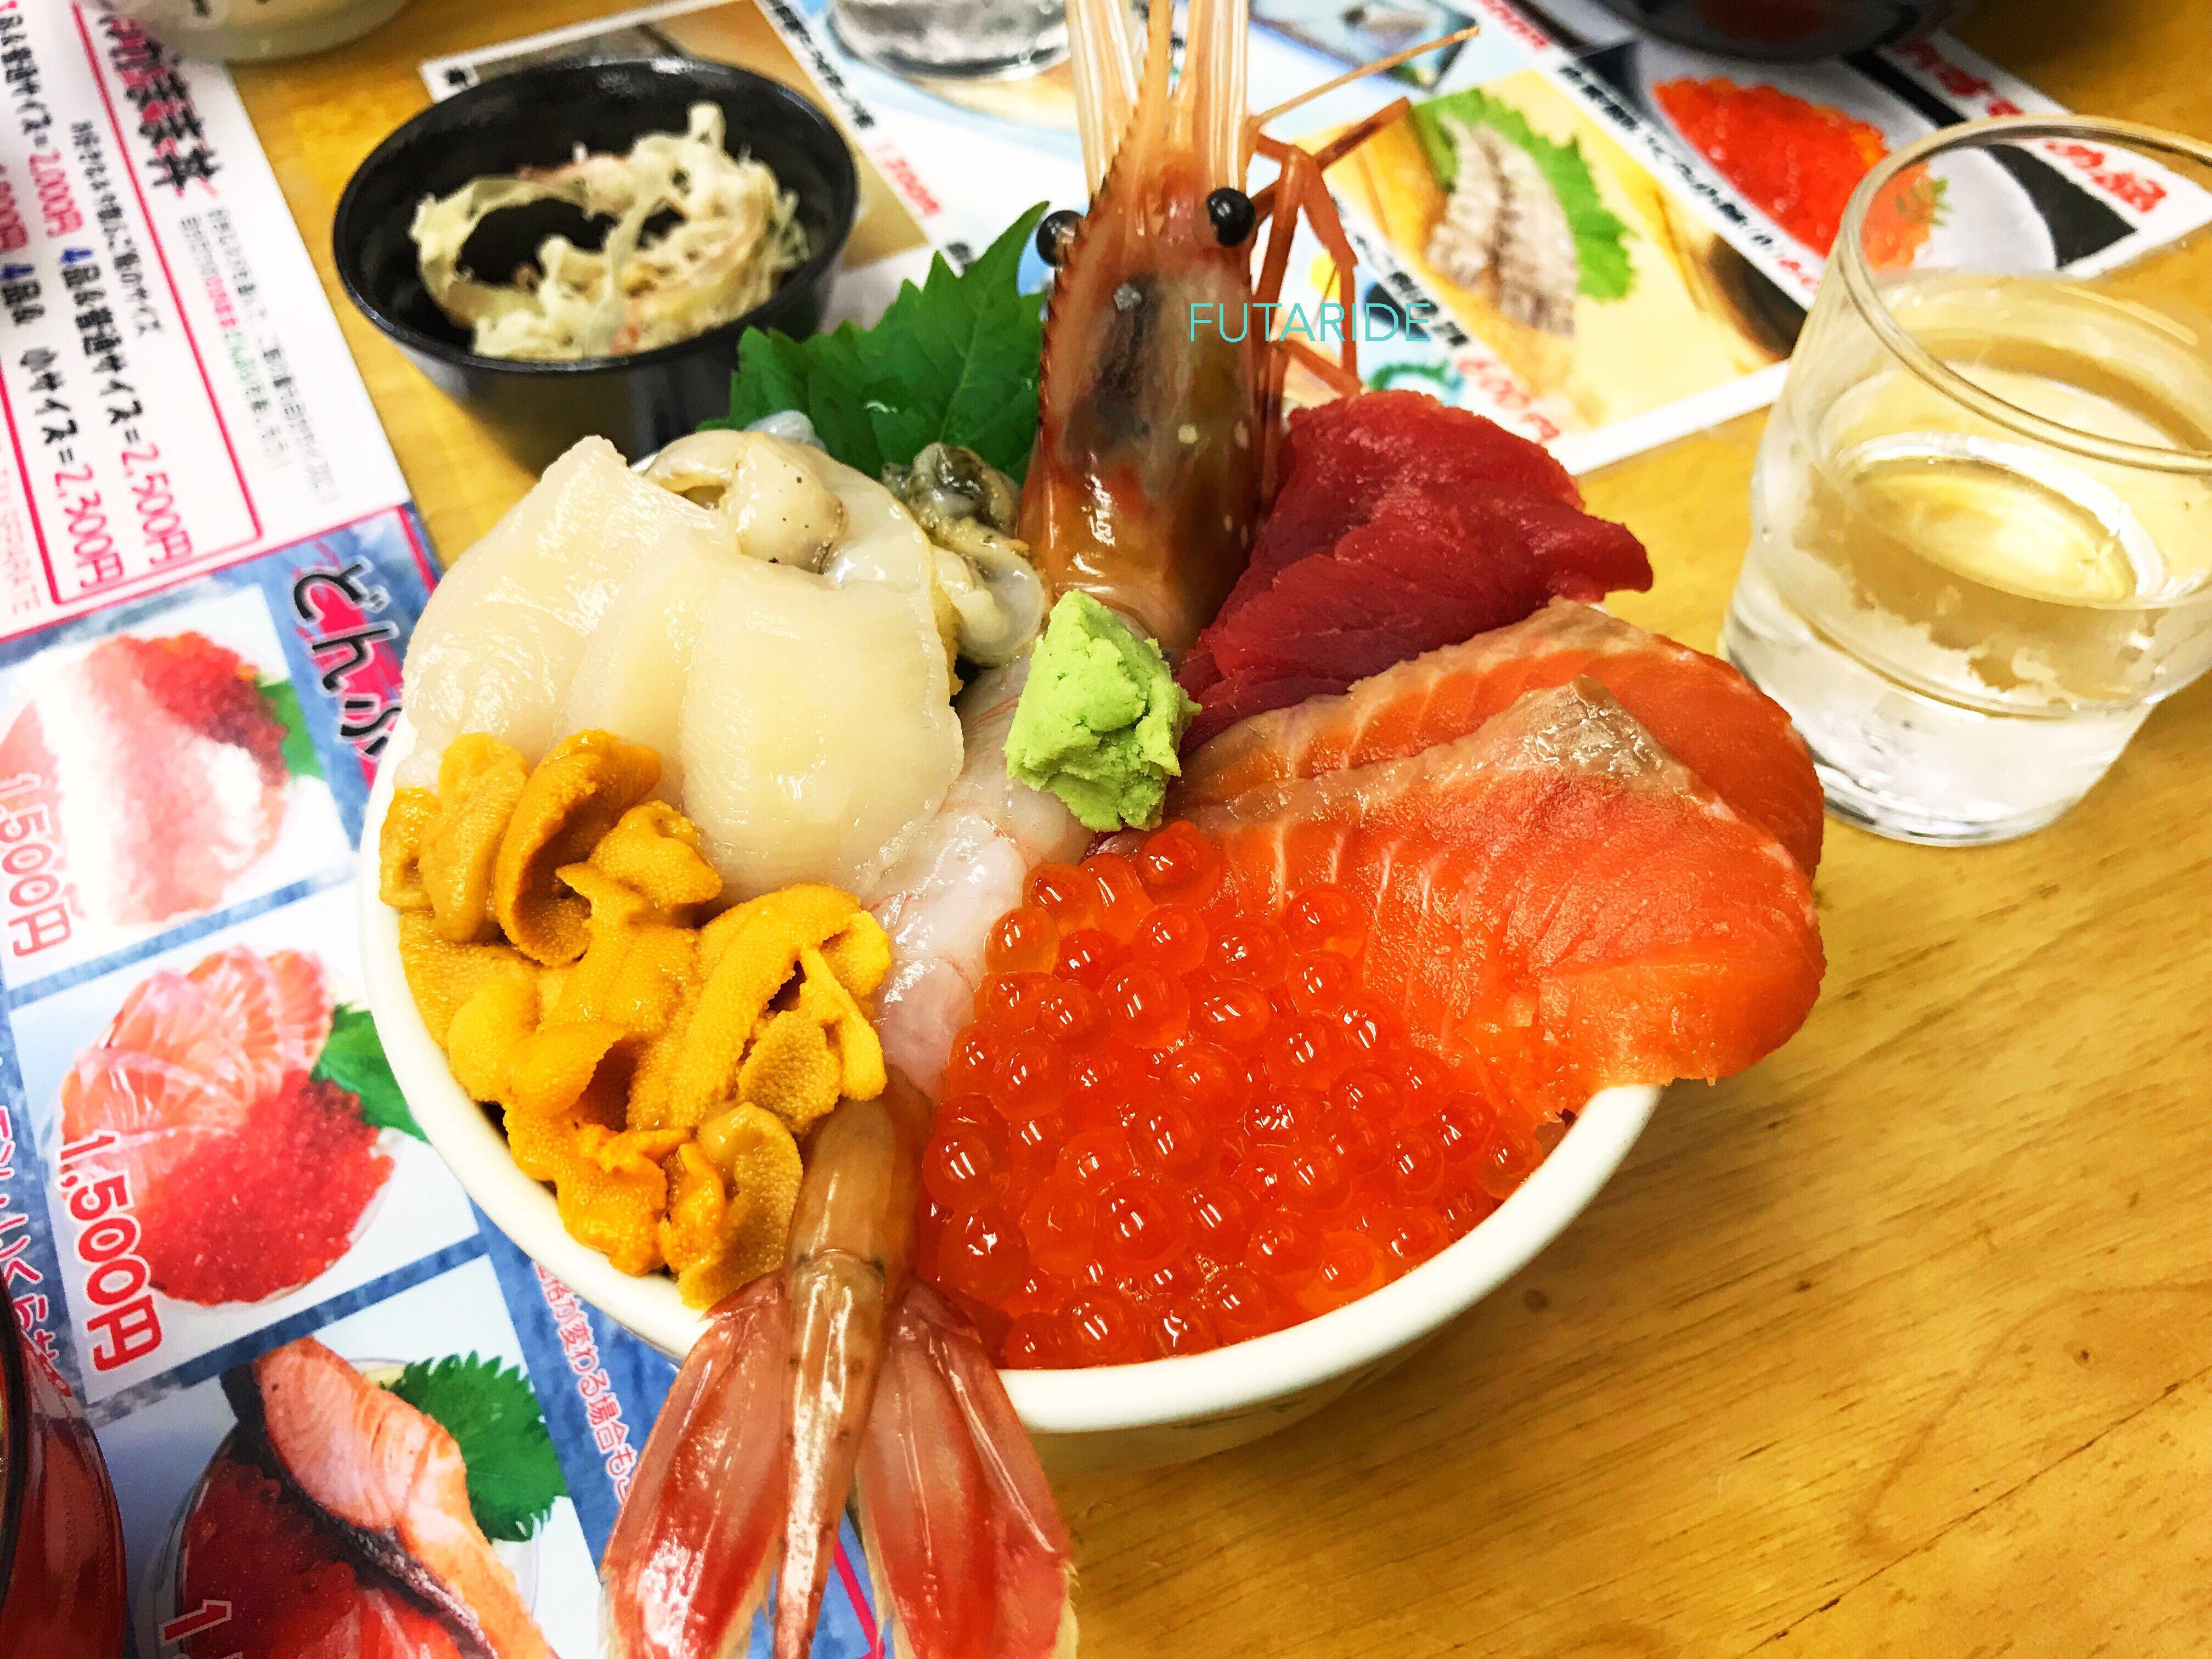 【小樽】海鮮丼が本当に美味しい滝波食堂【海の幸】